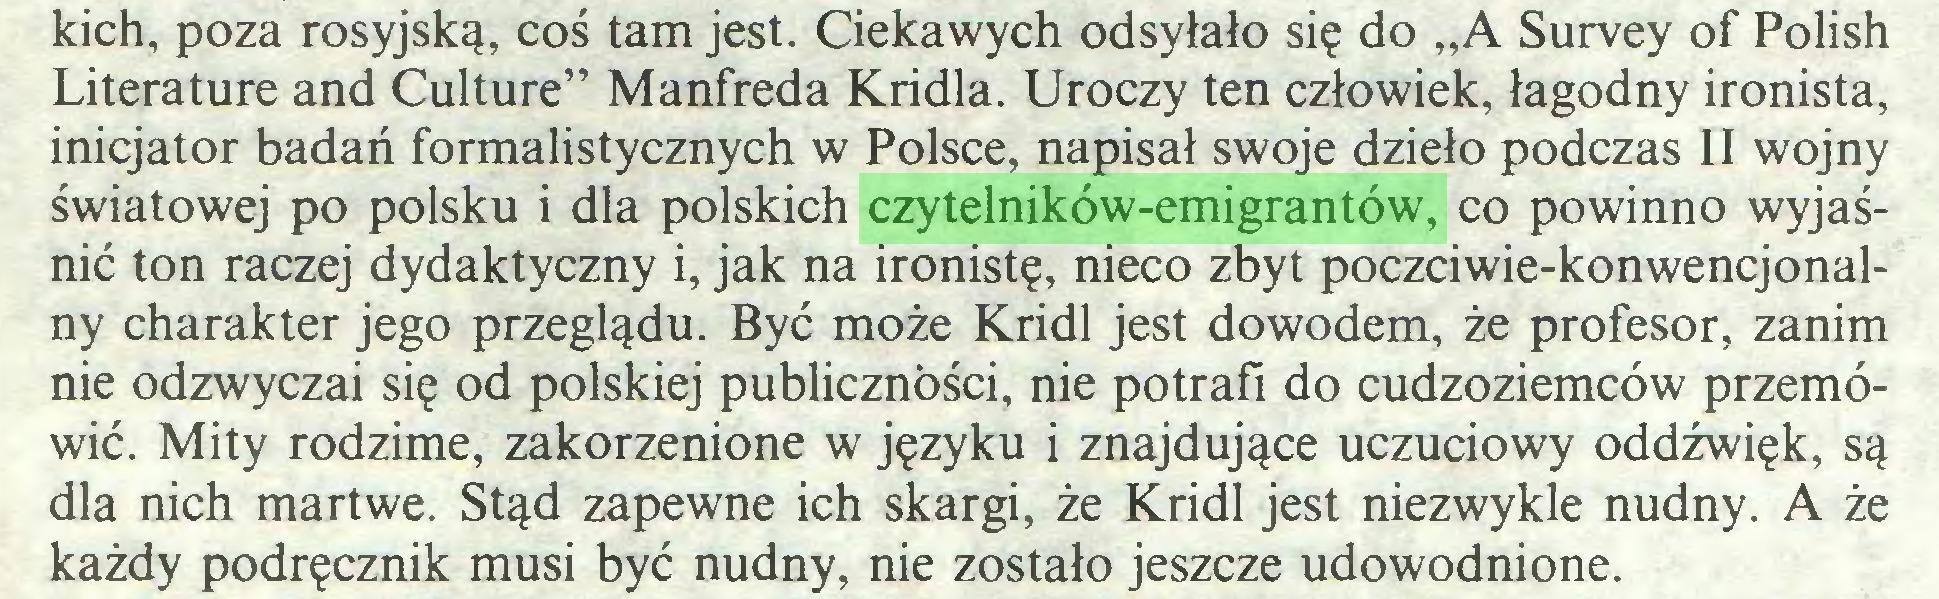 """(...) kich, poza rosyjską, coś tam jest. Ciekawych odsyłało się do """"A Survey of Polish Literaturę and Culture"""" Manfreda Kridla. Uroczy ten człowiek, łagodny ironista, inicjator badań formalistycznych w Polsce, napisał swoje dzieło podczas II wojny światowej po polsku i dla polskich czytelników-emigrantów, co powinno wyjaśnić ton raczej dydaktyczny i, jak na ironistę, nieco zbyt poczciwie-konwencjonalny charakter jego przeglądu. Być może Kridl jest dowodem, że profesor, zanim nie odzwyczai się od polskiej publiczności, nie potrafi do cudzoziemców przemówić. Mity rodzime, zakorzenione w języku i znajdujące uczuciowy oddźwięk, są dla nich martwe. Stąd zapewne ich skargi, że Kridl jest niezwykle nudny. A że każdy podręcznik musi być nudny, nie zostało jeszcze udowodnione..."""